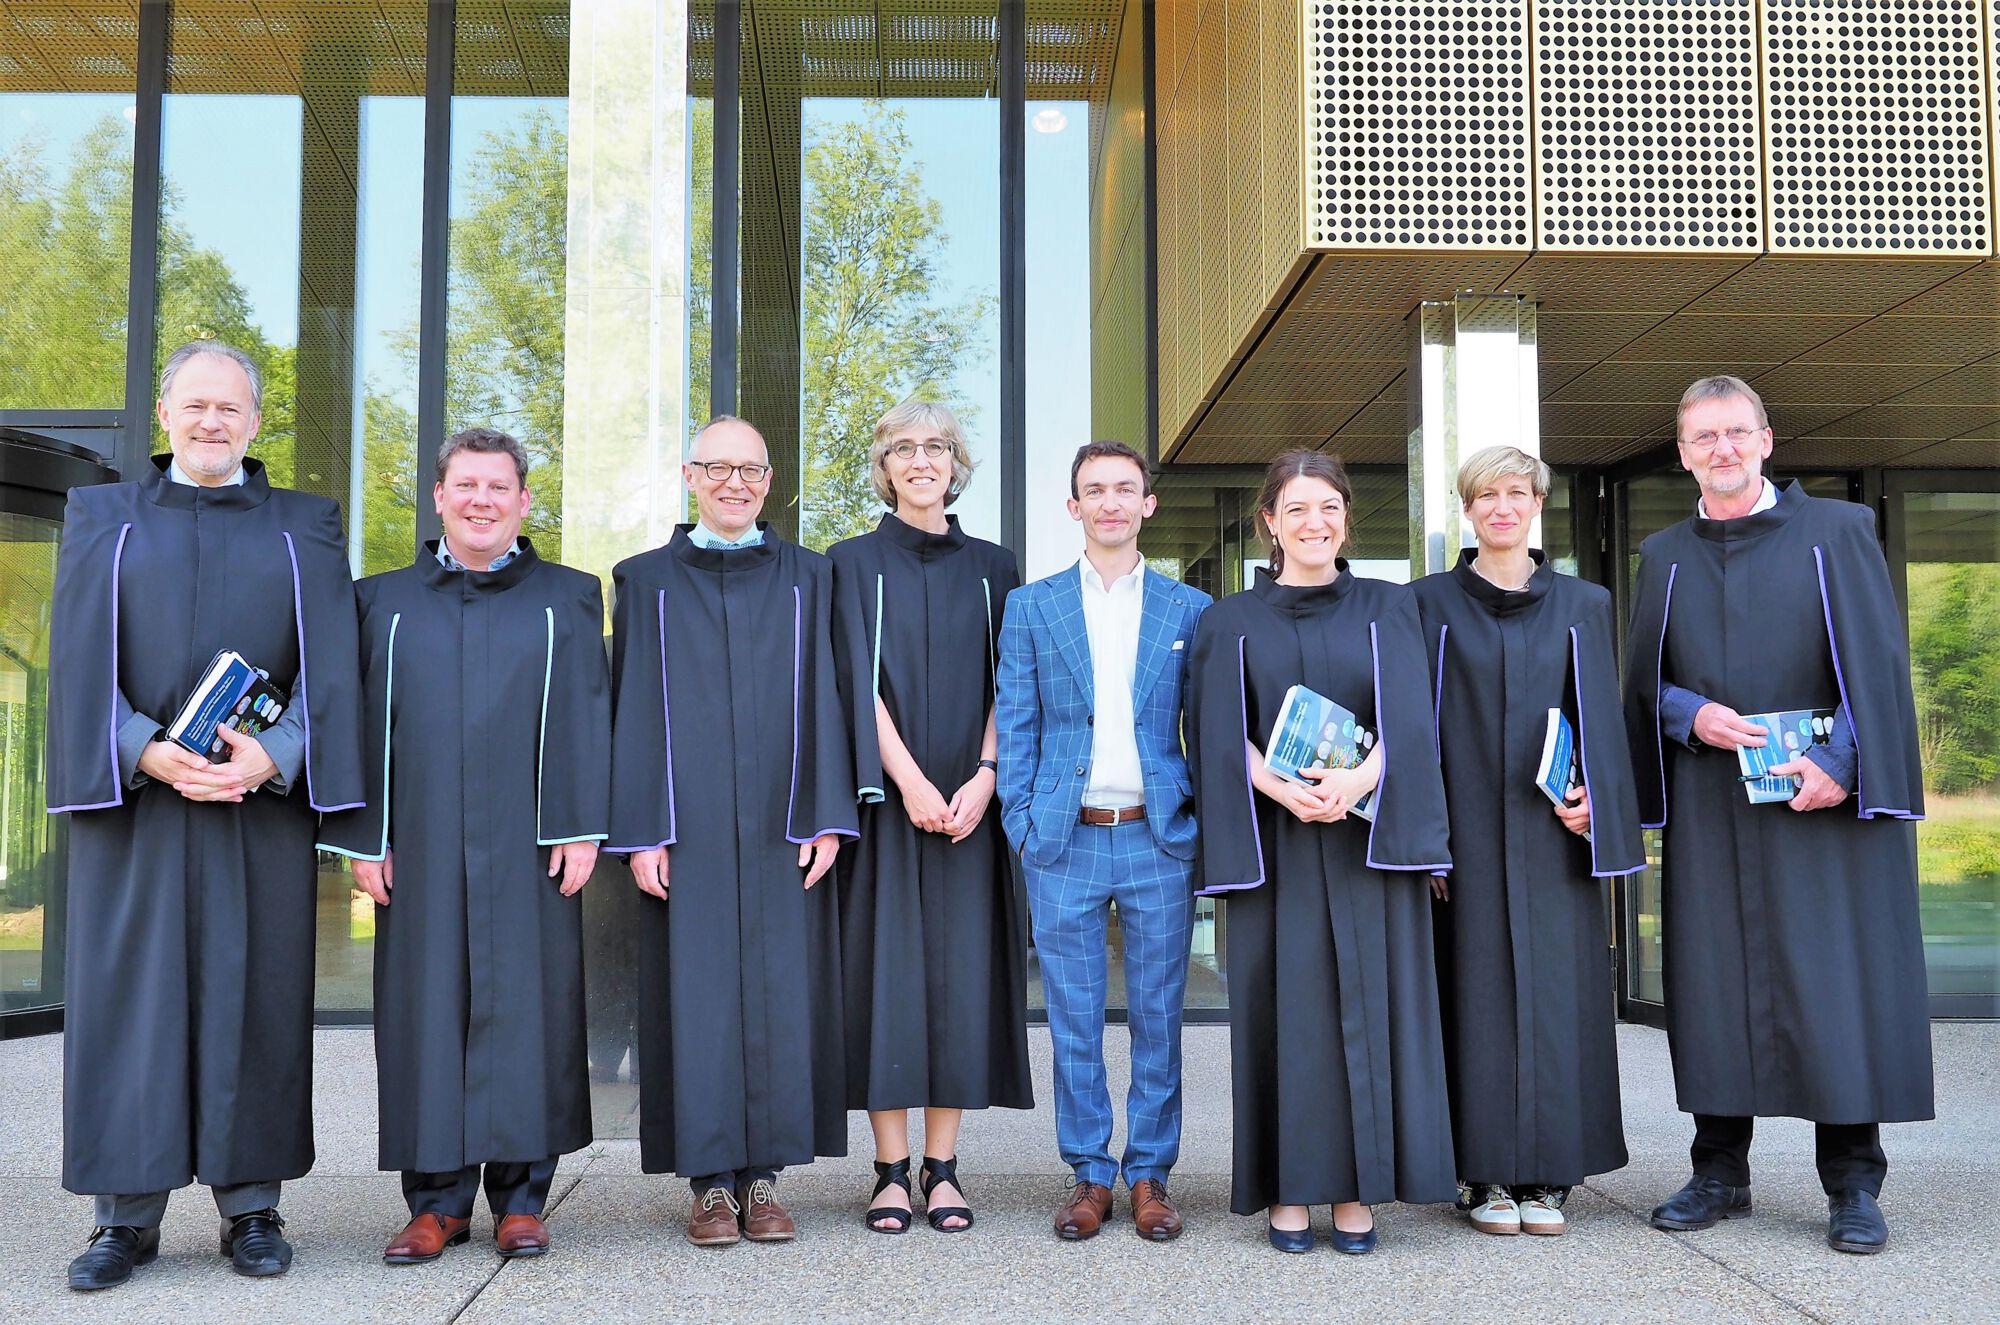 Doctoraatsverdediging Stephan Missault - 8 mei 2018